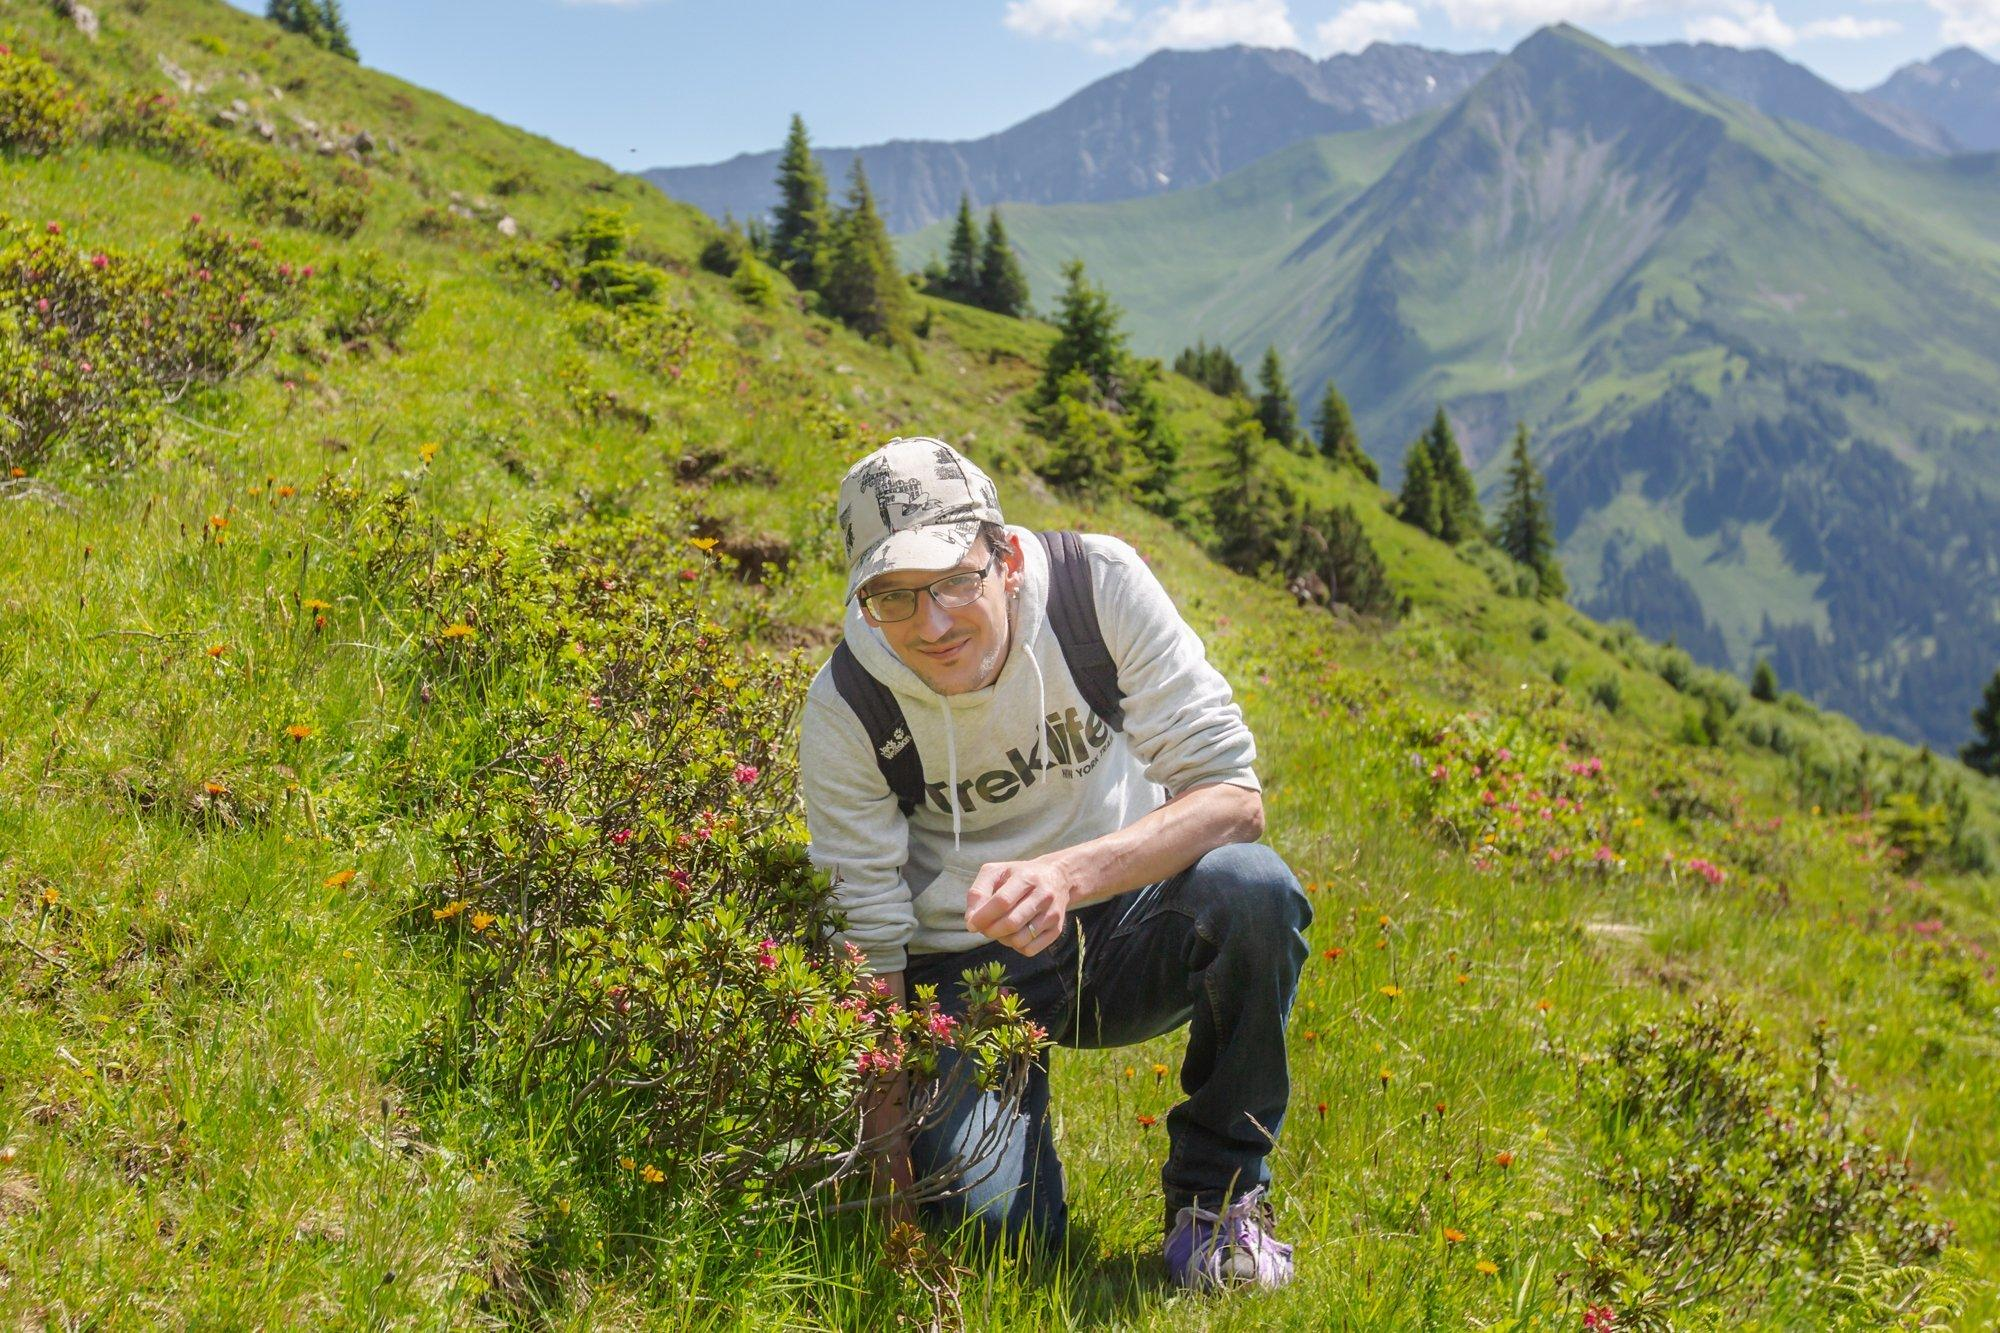 Der Wissenschaftler David Eichenberg bei einer Gebirgswanderung. Er kniet an der Baumgrenze vor einer Alpenrose.